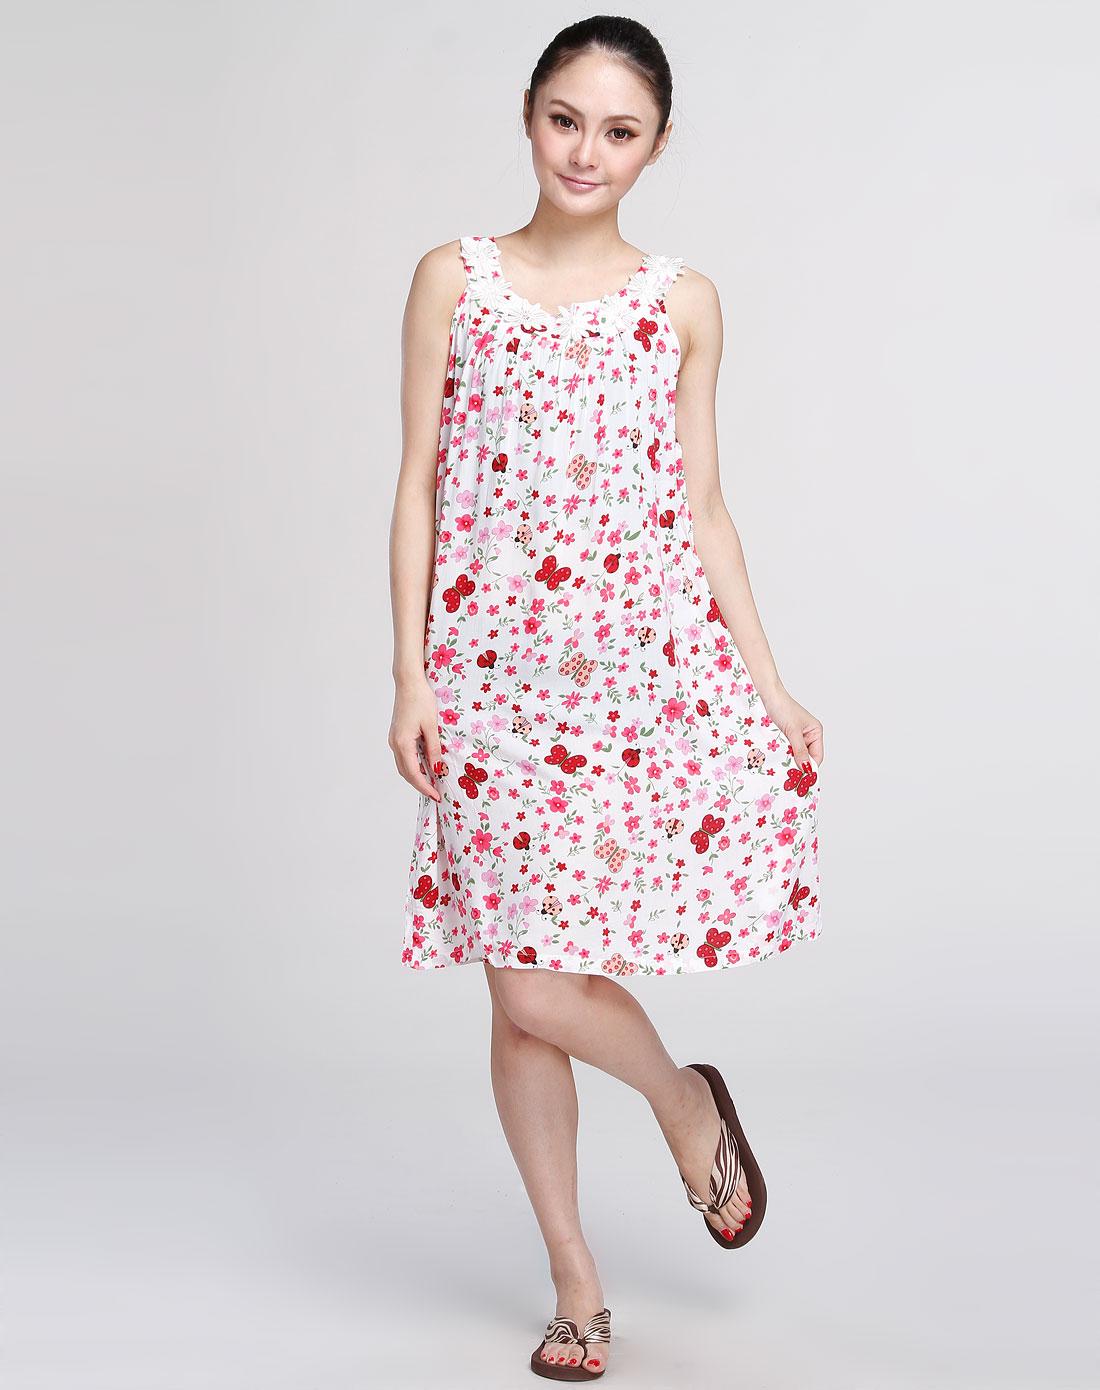 多拉美女款专场大红色简约时尚梭织背心裙3221209010